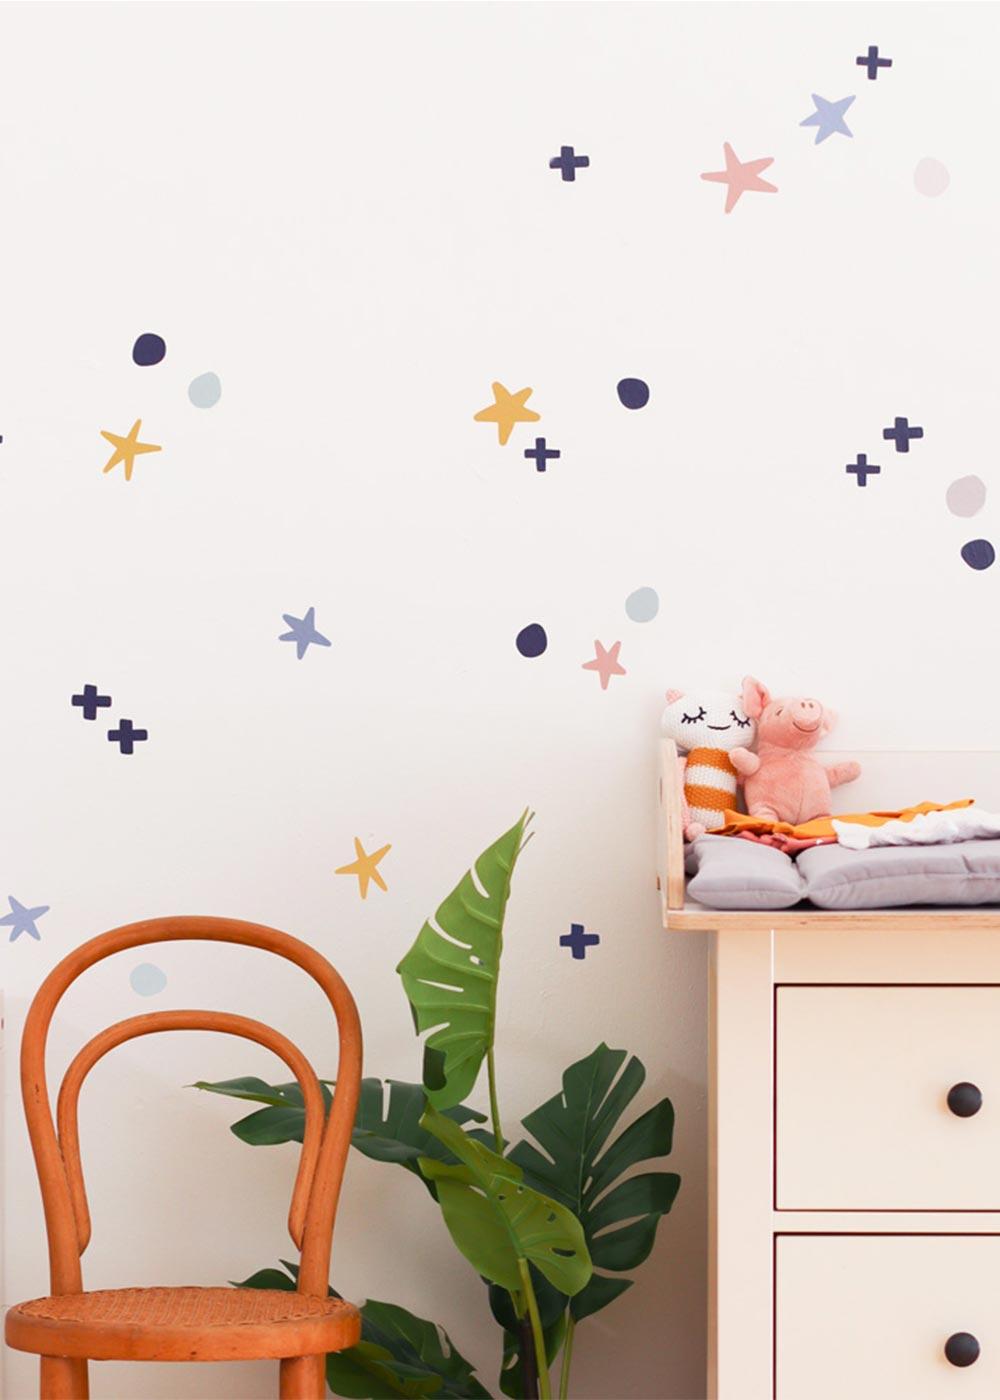 Stickerset Wand Möbel Sterne Unendlig Gesamtansicht